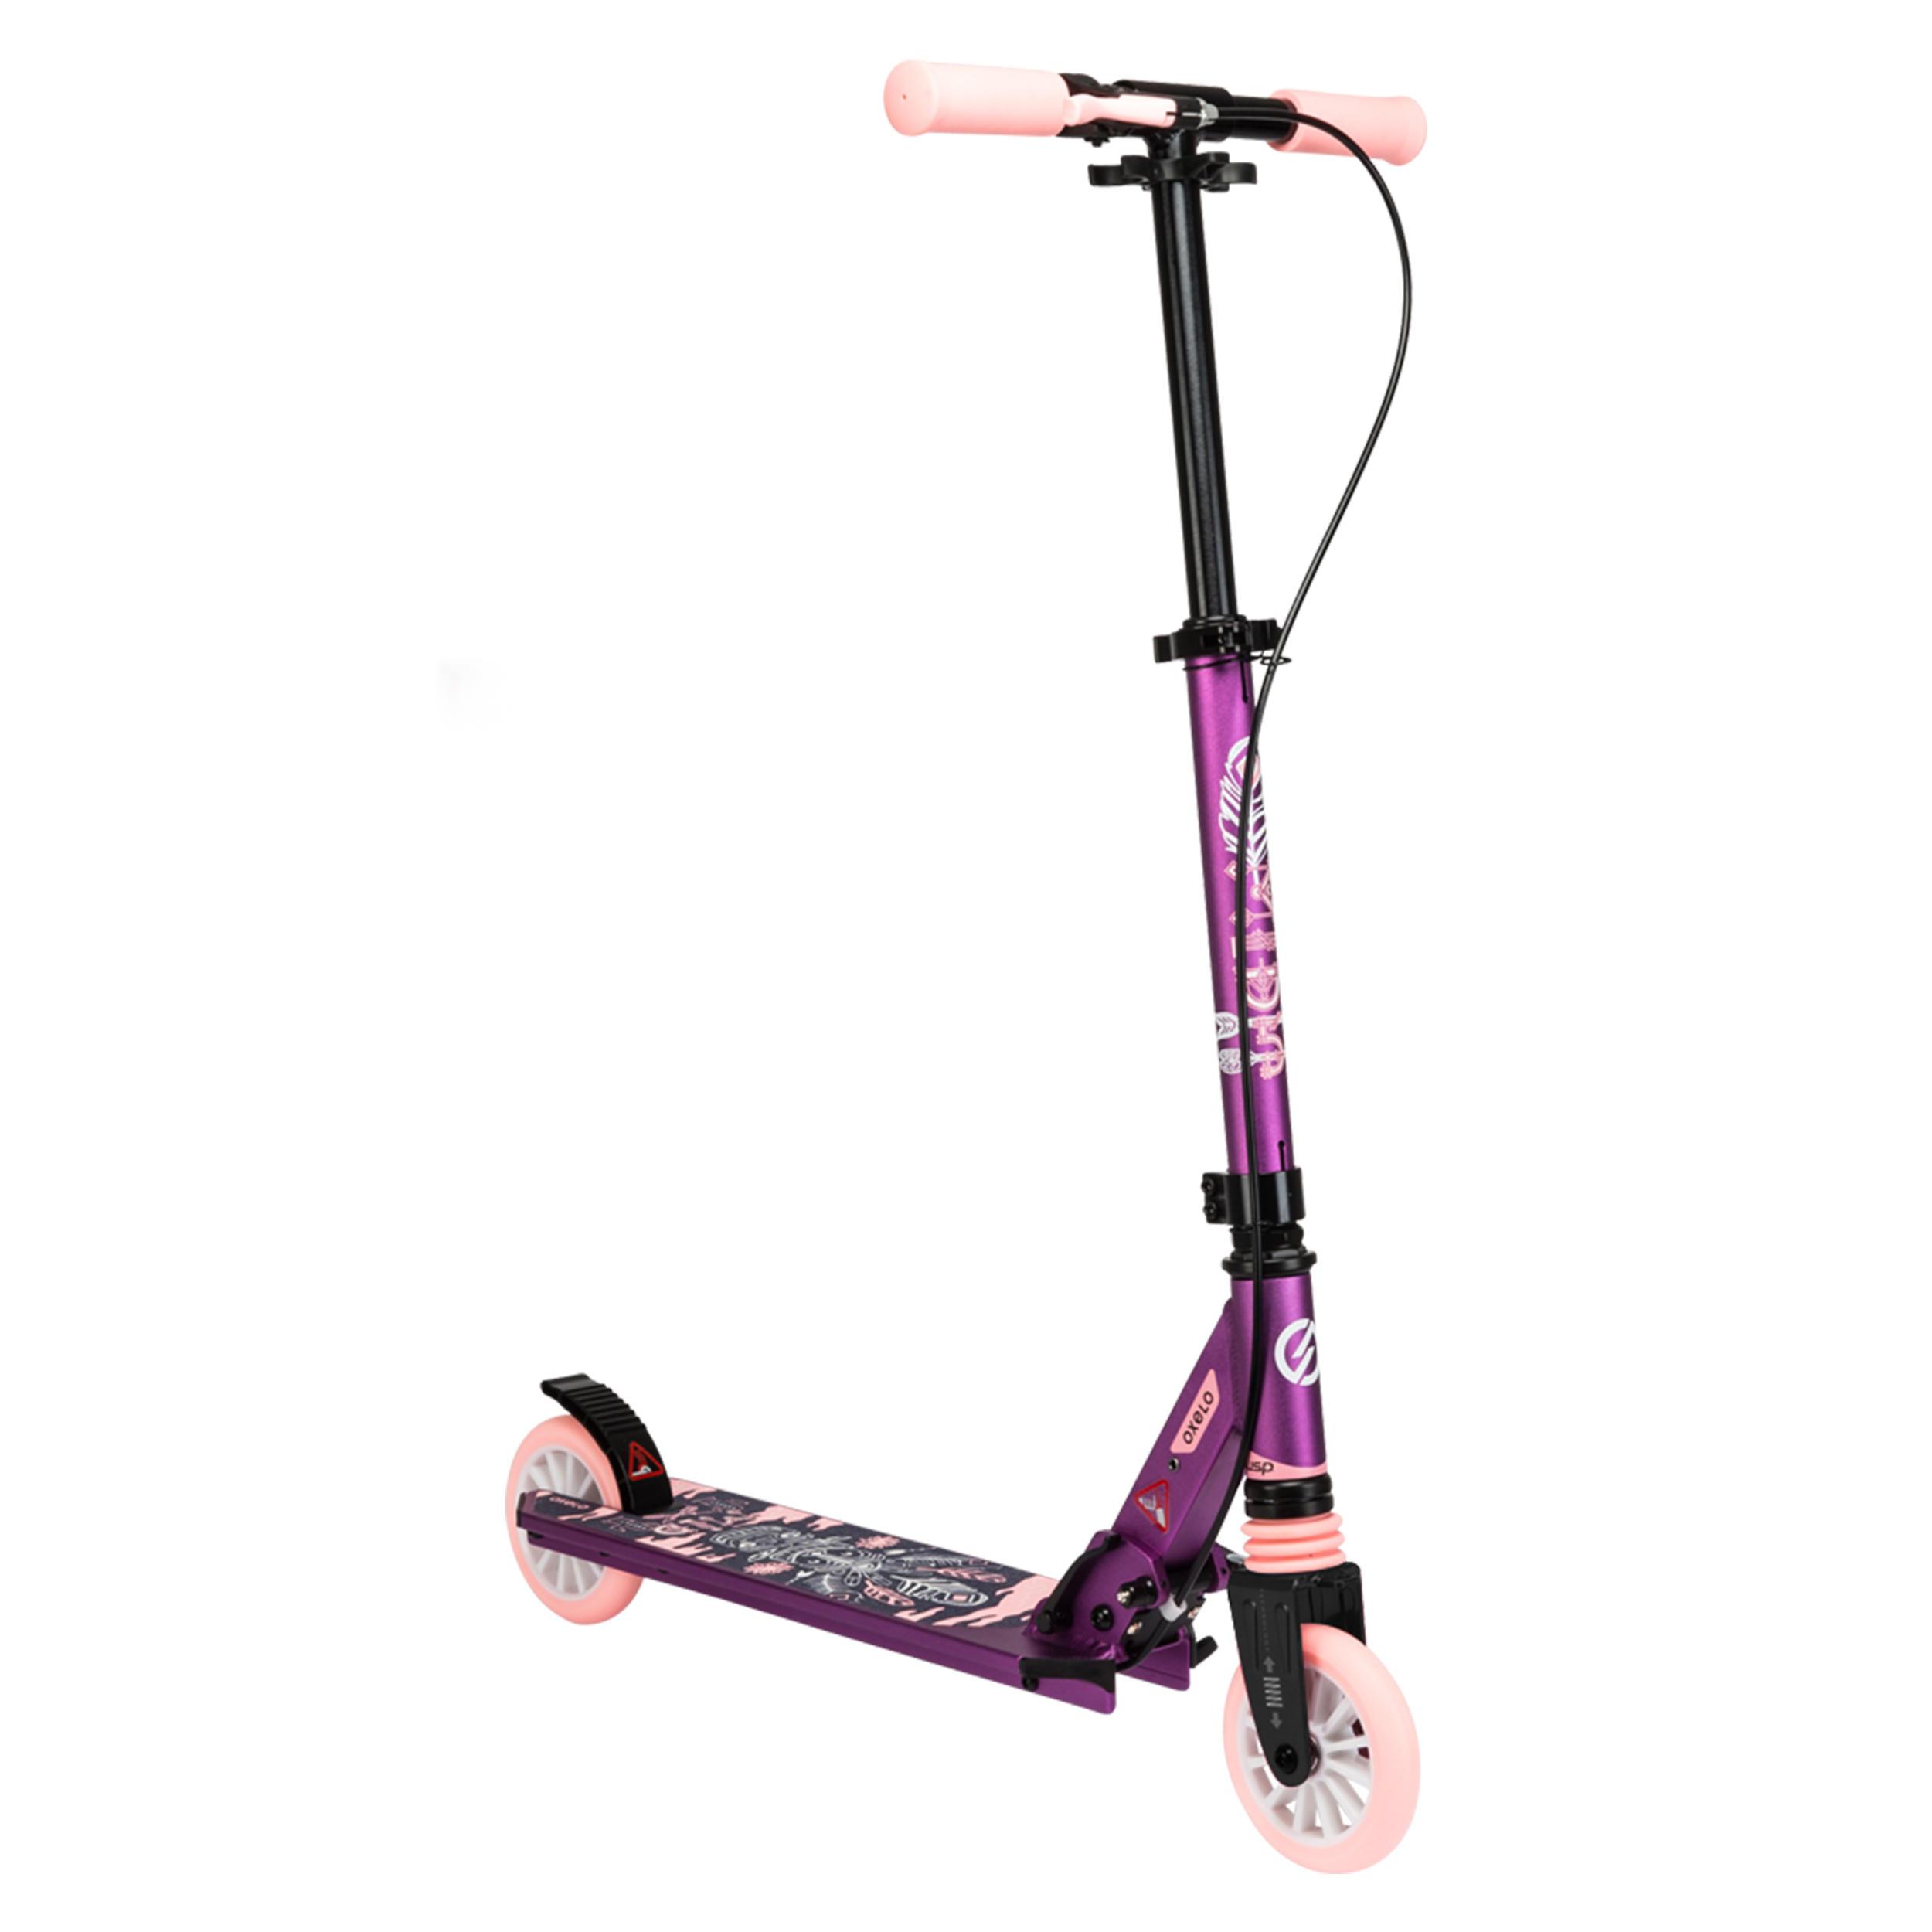 Funsport Tret Roller Tri Scooter pink PLAYTIVE JUNIOR Kinder Roller 3 in 1 Vorführmodell*